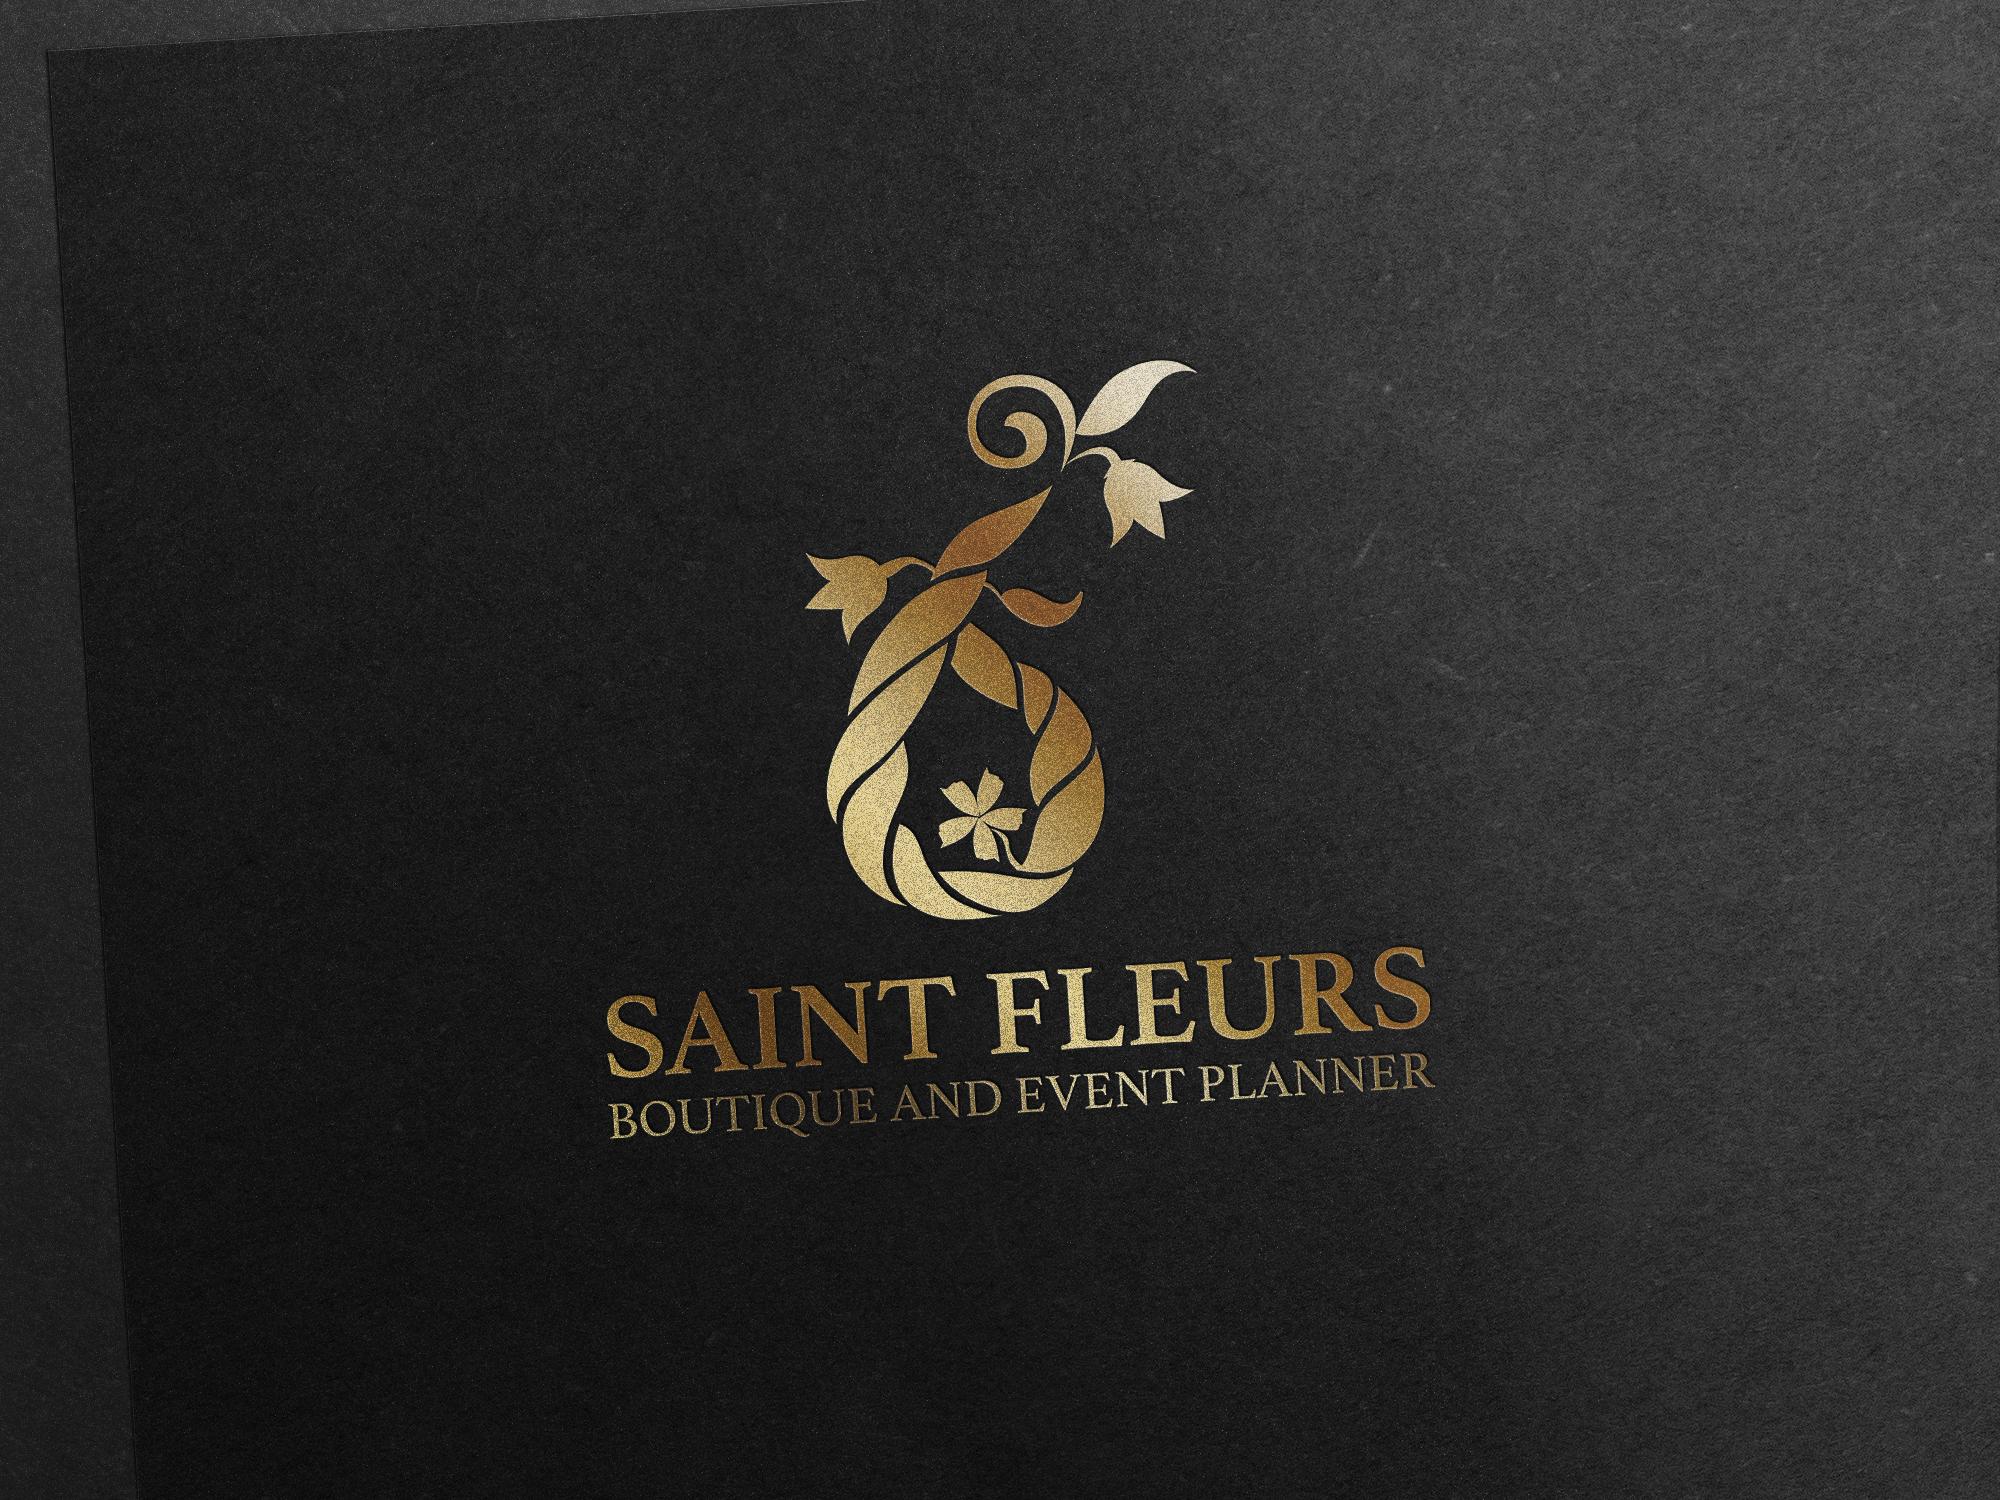 SAINT FLEURS